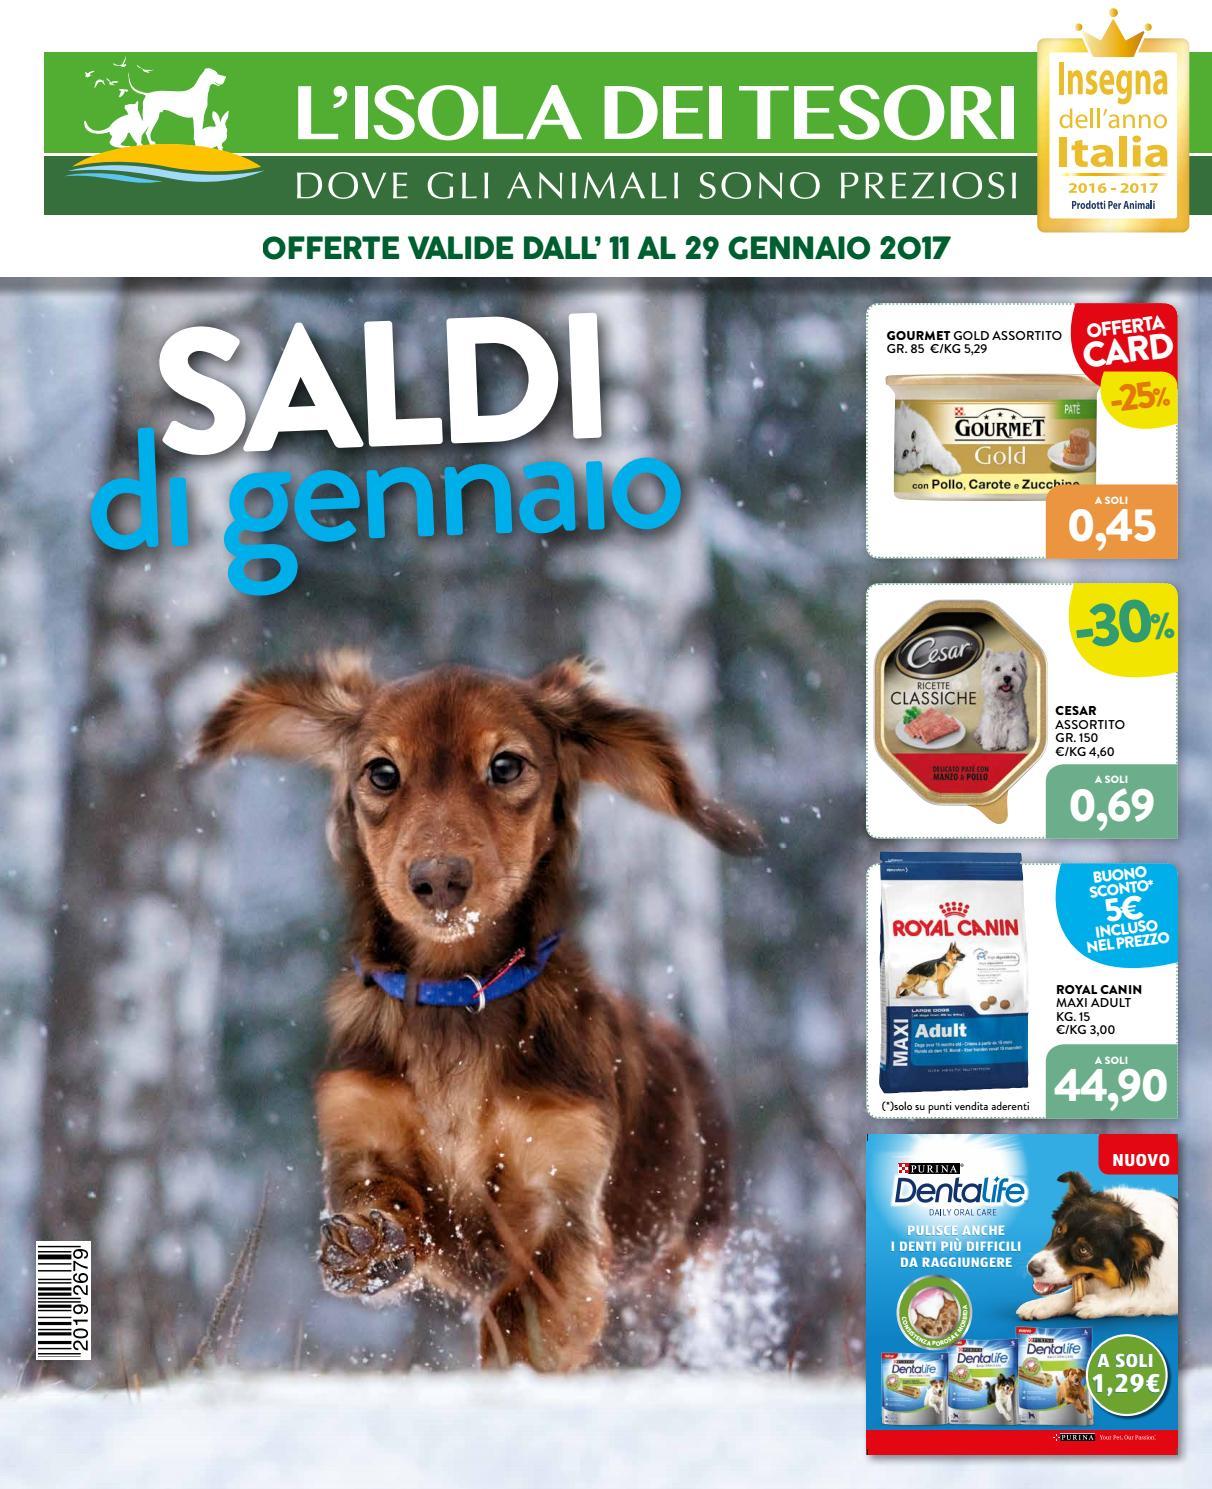 Toilette per cani pistoia : Gabbie per conigli roditori e piccoli animali arcaplanet